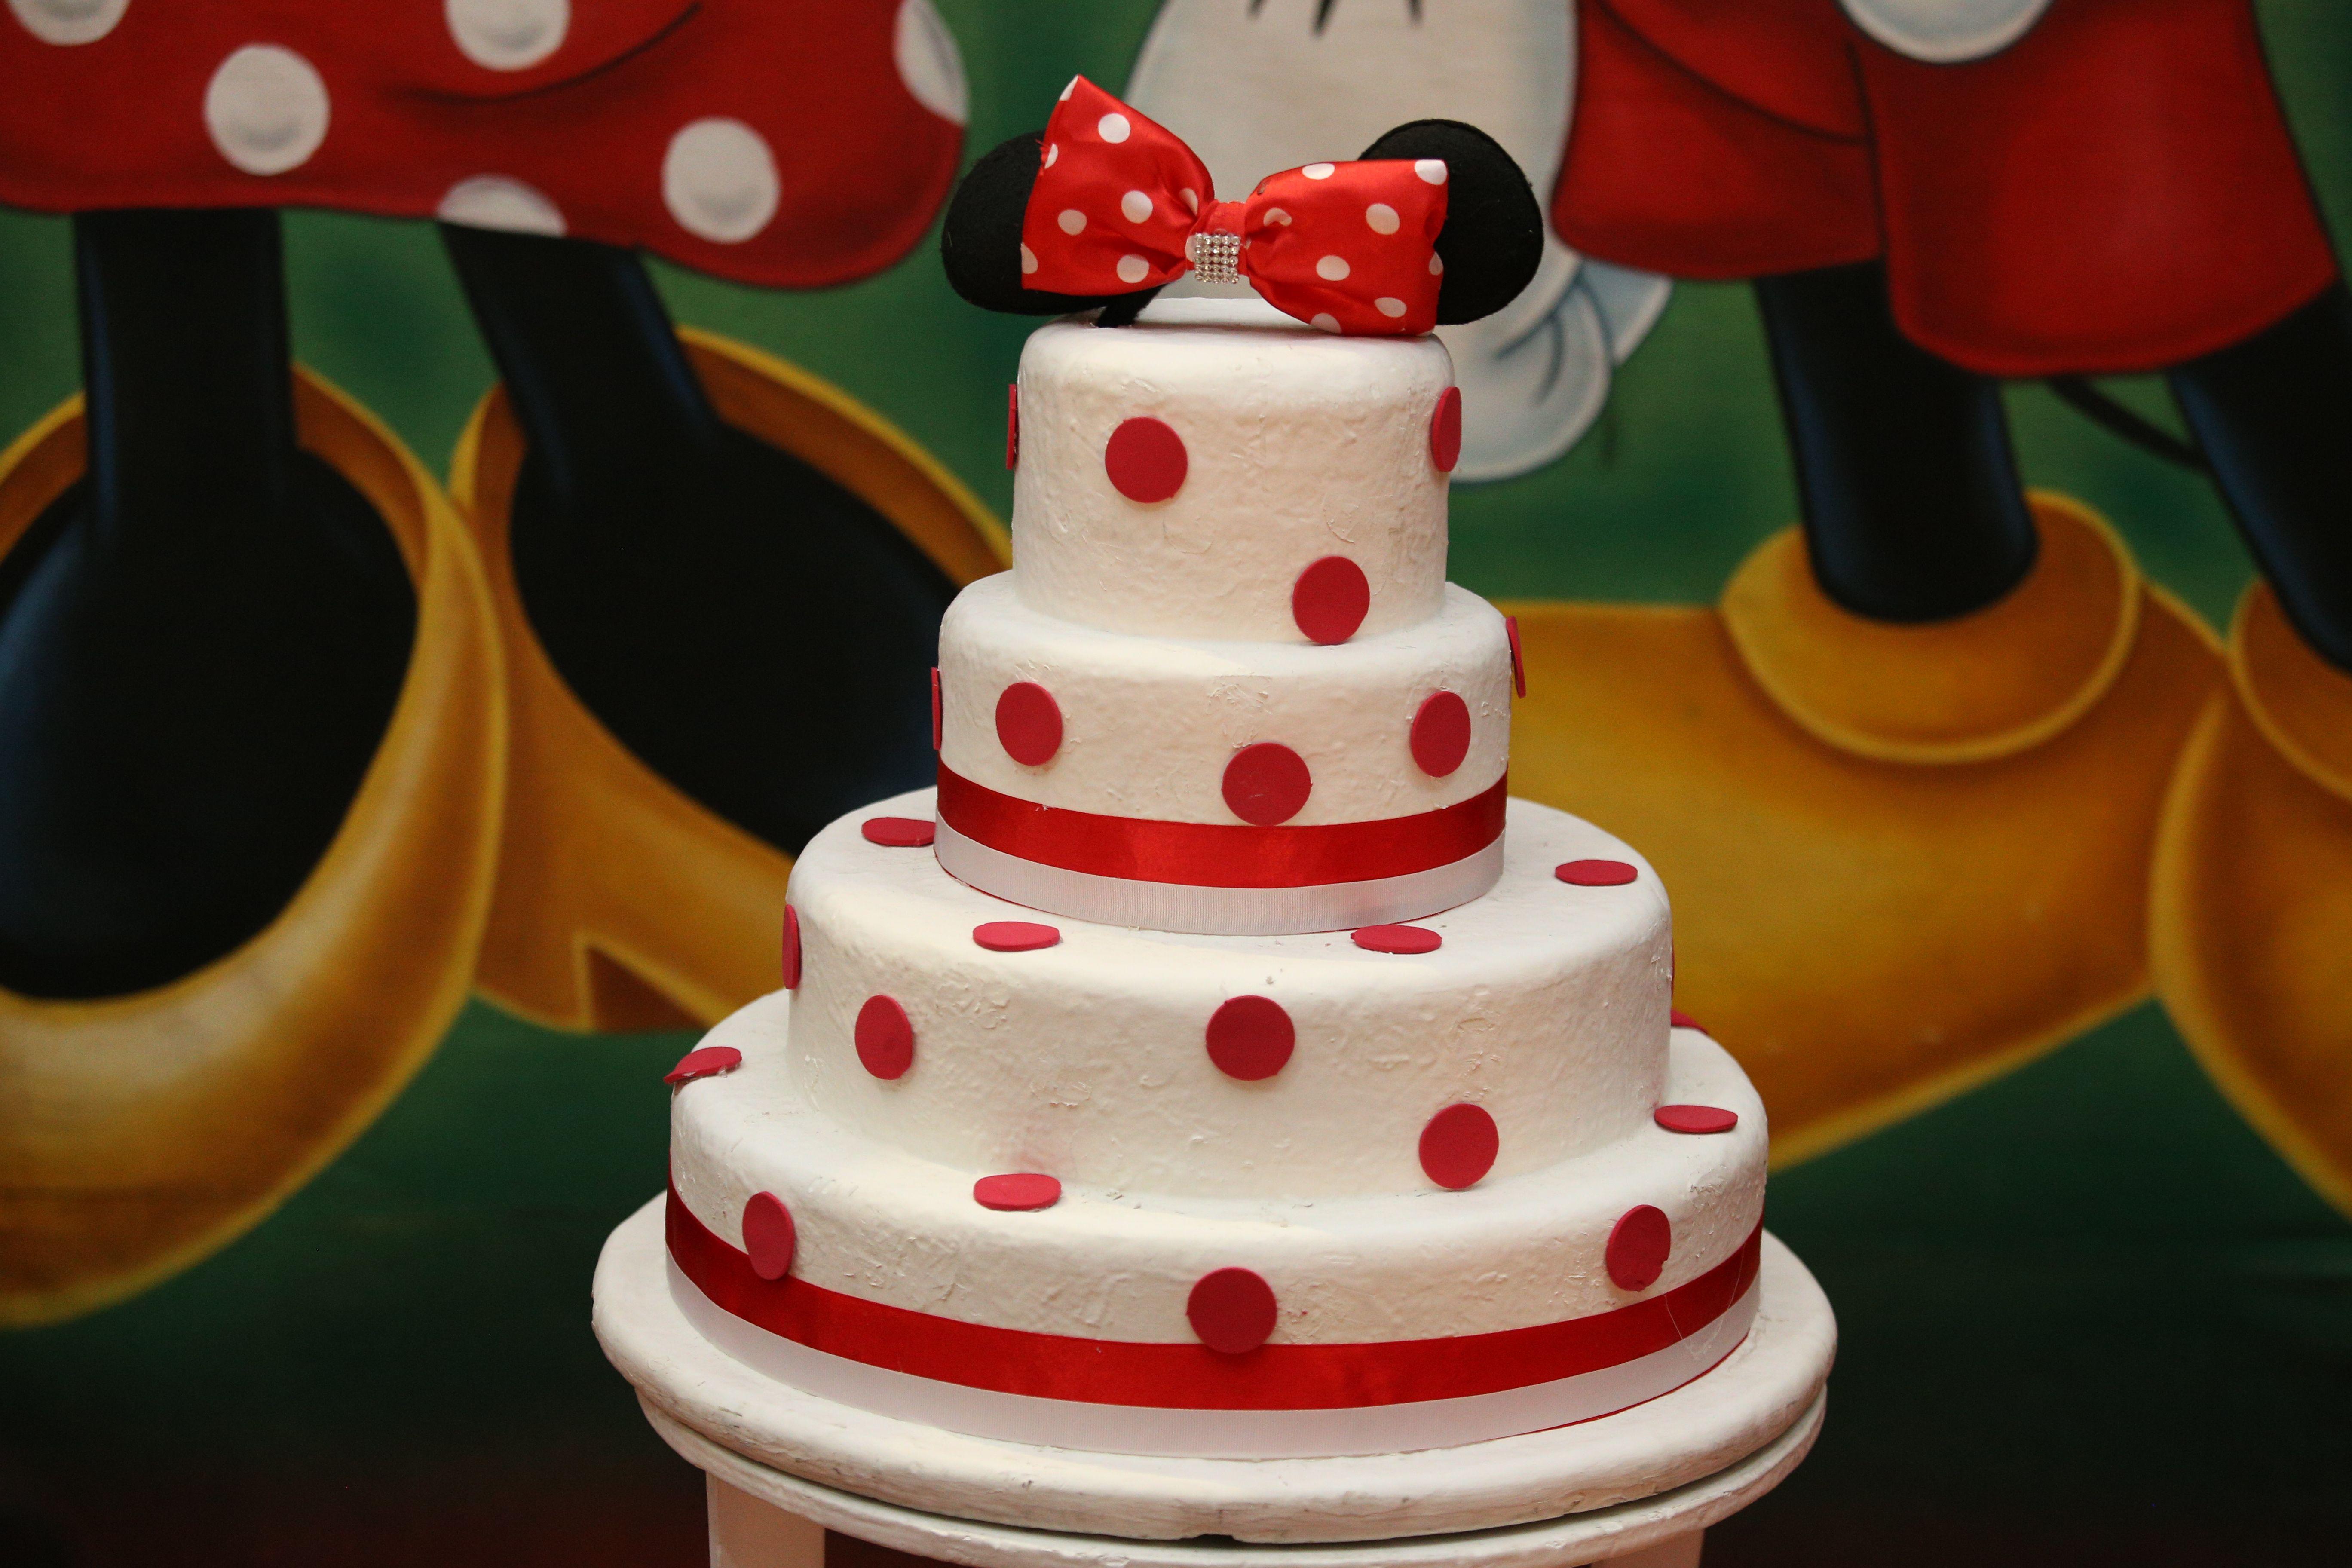 O melhor Buffet infantil lúdico da Zona Leste de SP, ao lado do Tatuapé Festa Mickey e Minnie  -> Decoração De Festa Infantil Zona Leste Sp